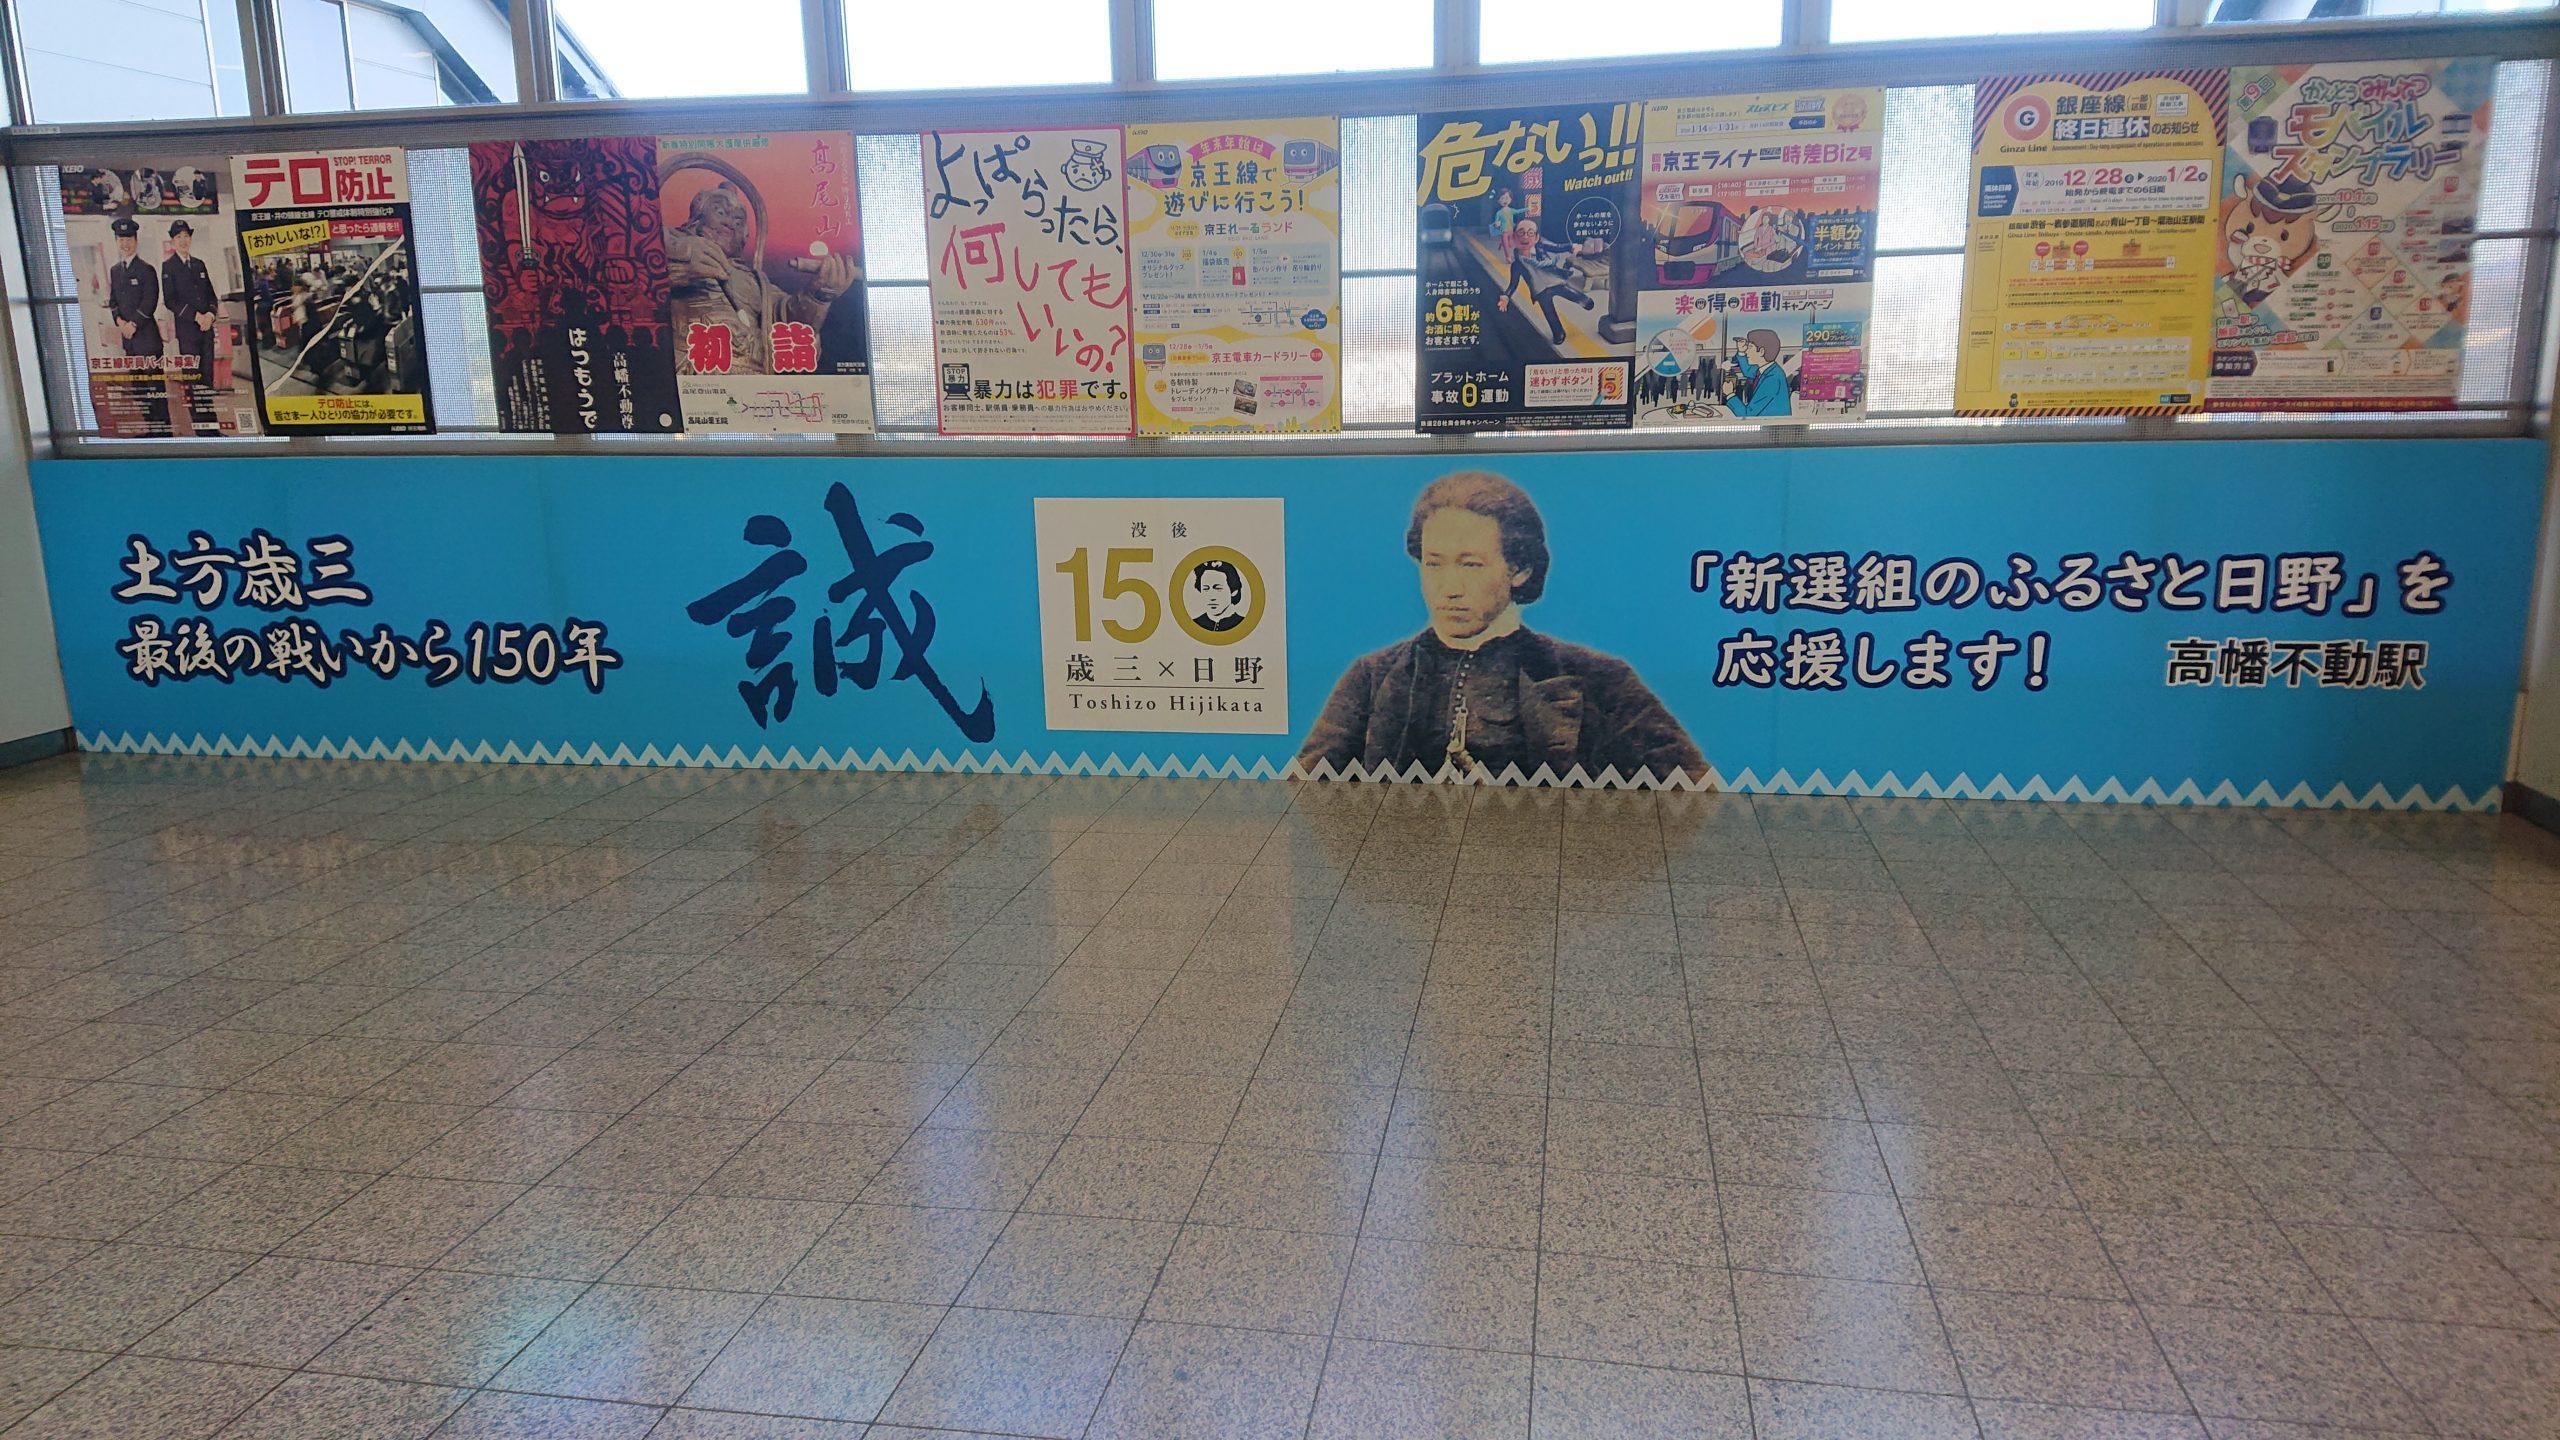 高幡不動駅には土方歳三のポスターが…。